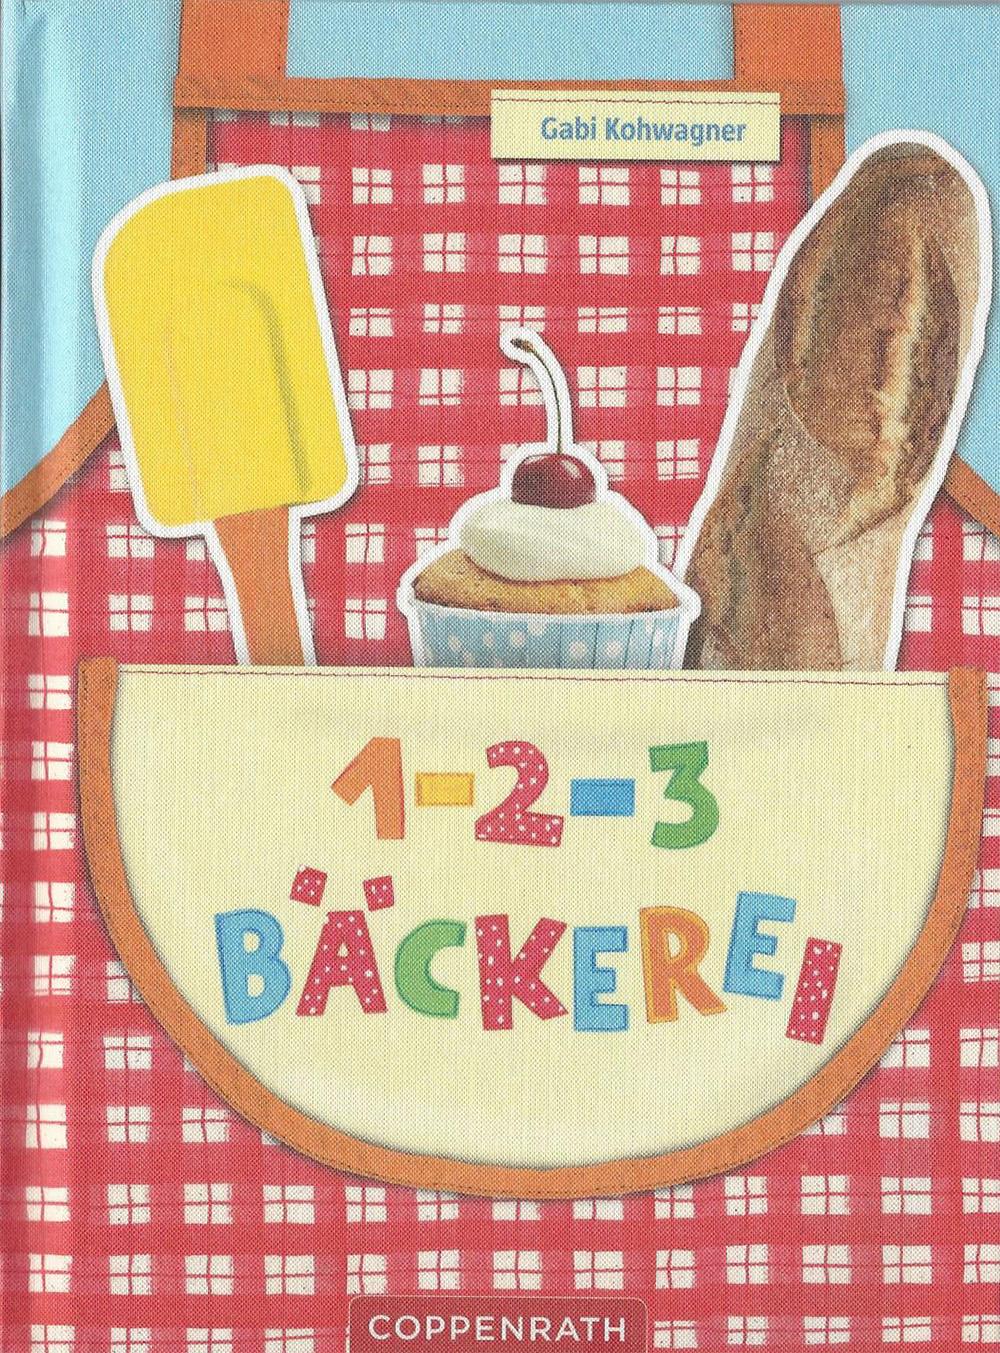 1-2-3 Bäckerei